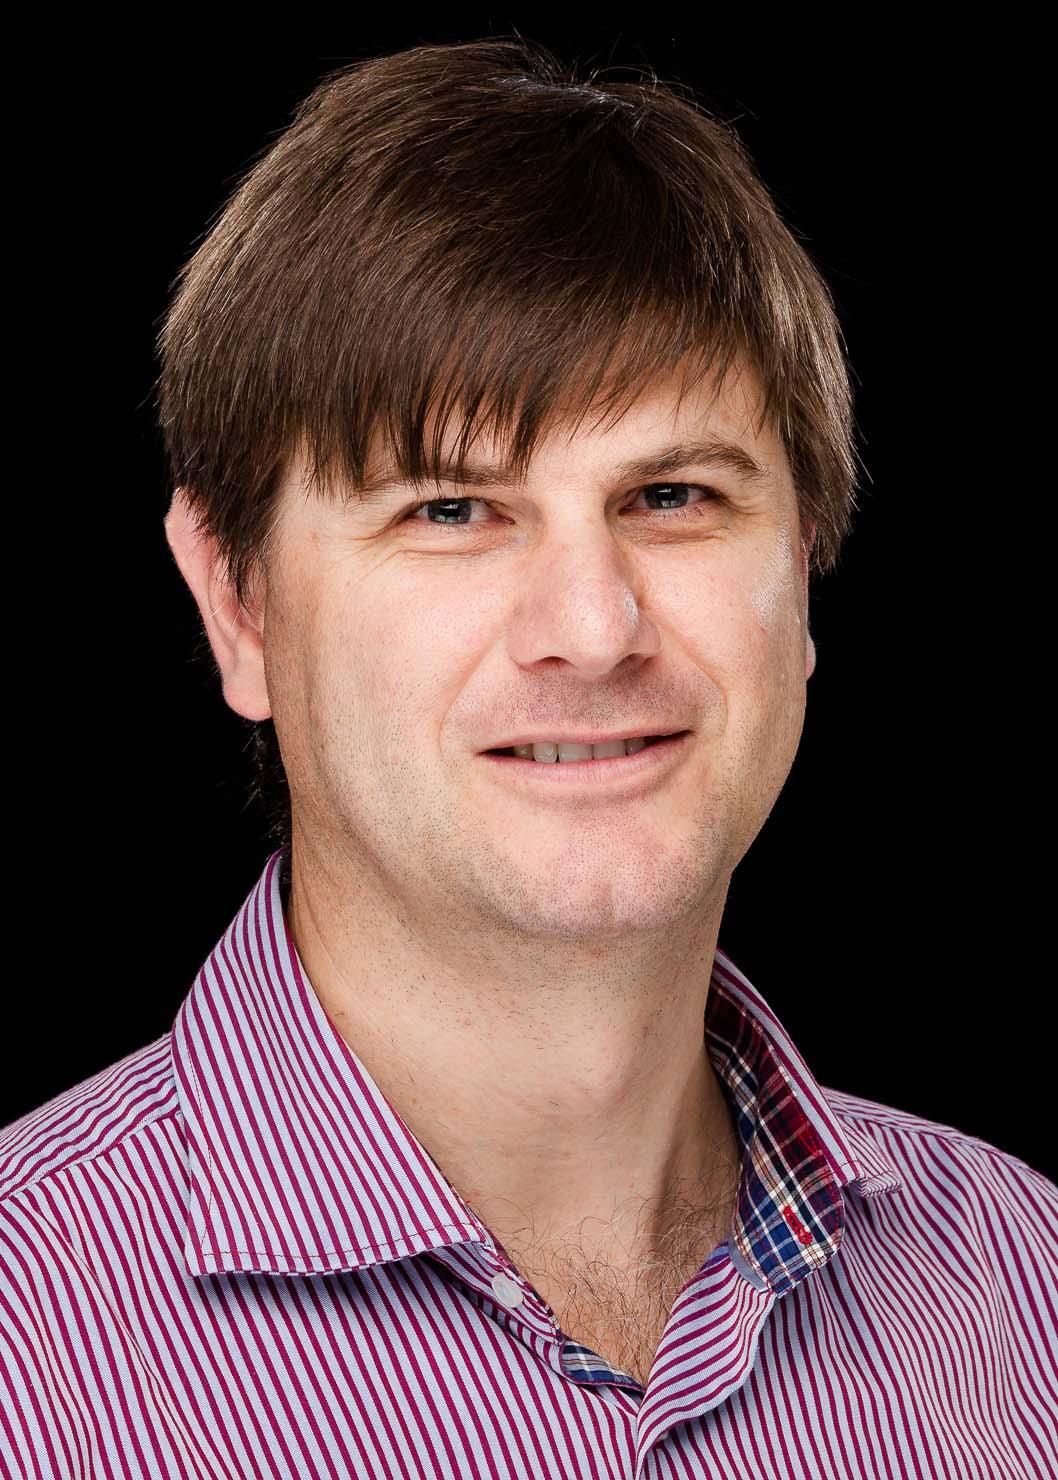 Johan Wesseloo